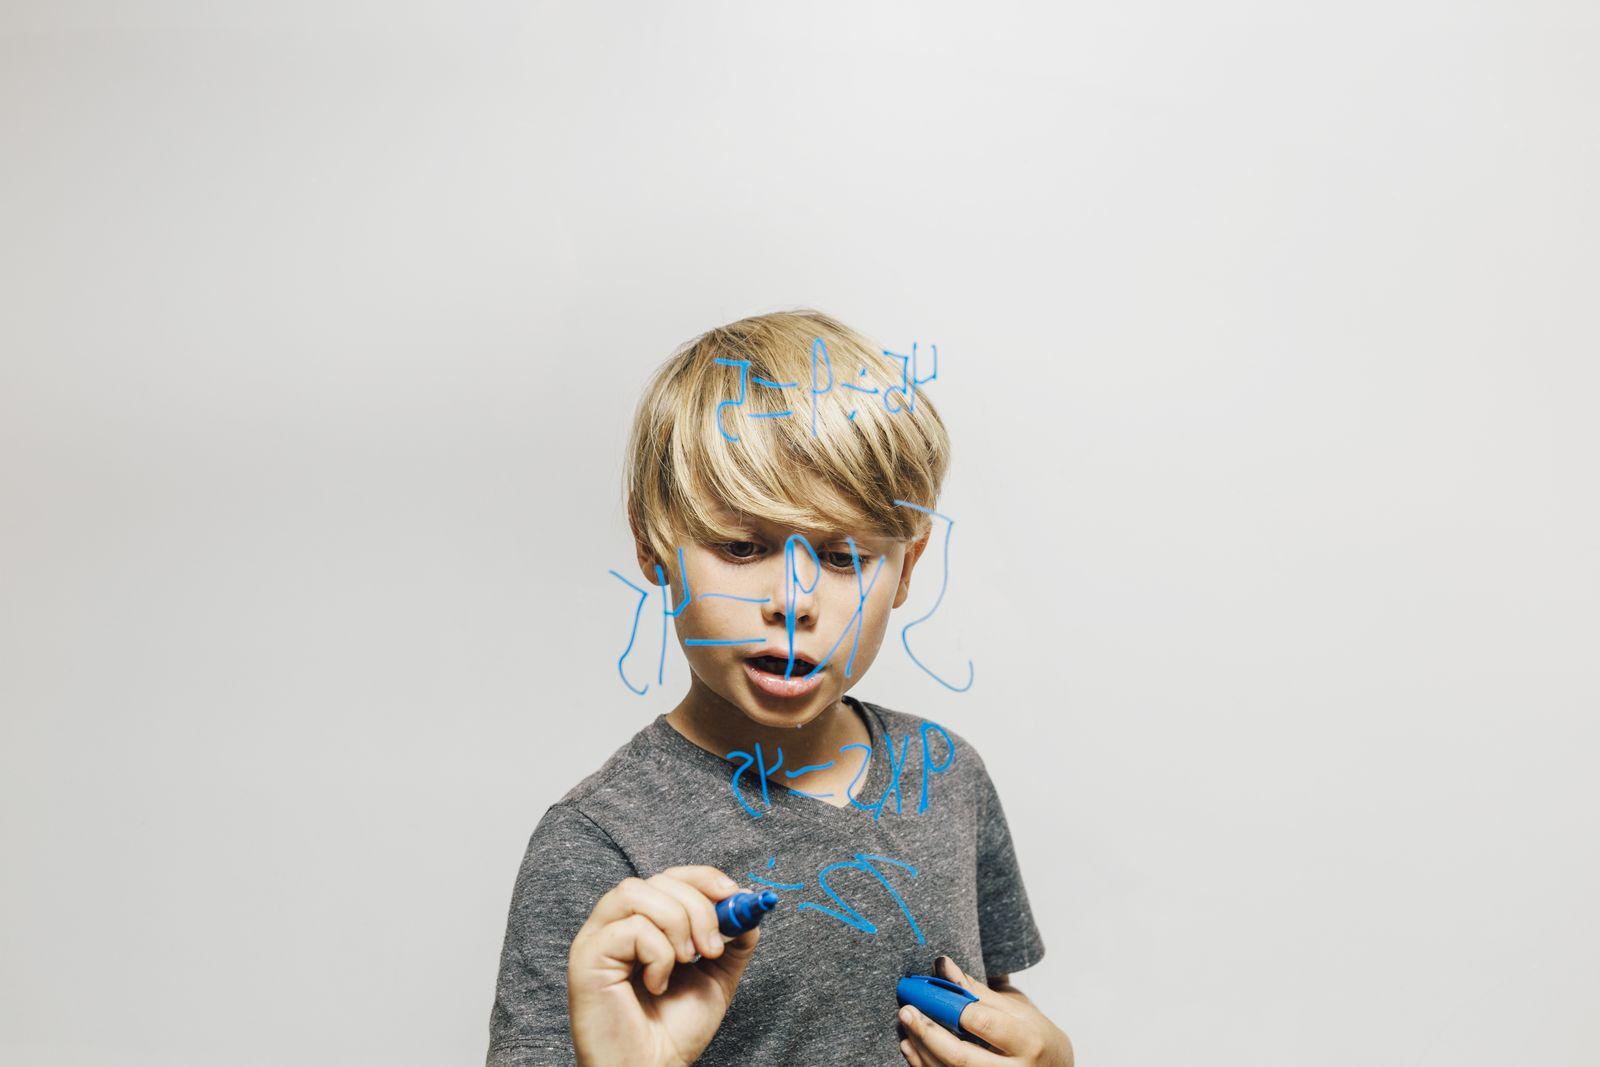 Boy writing equation onto glass wall